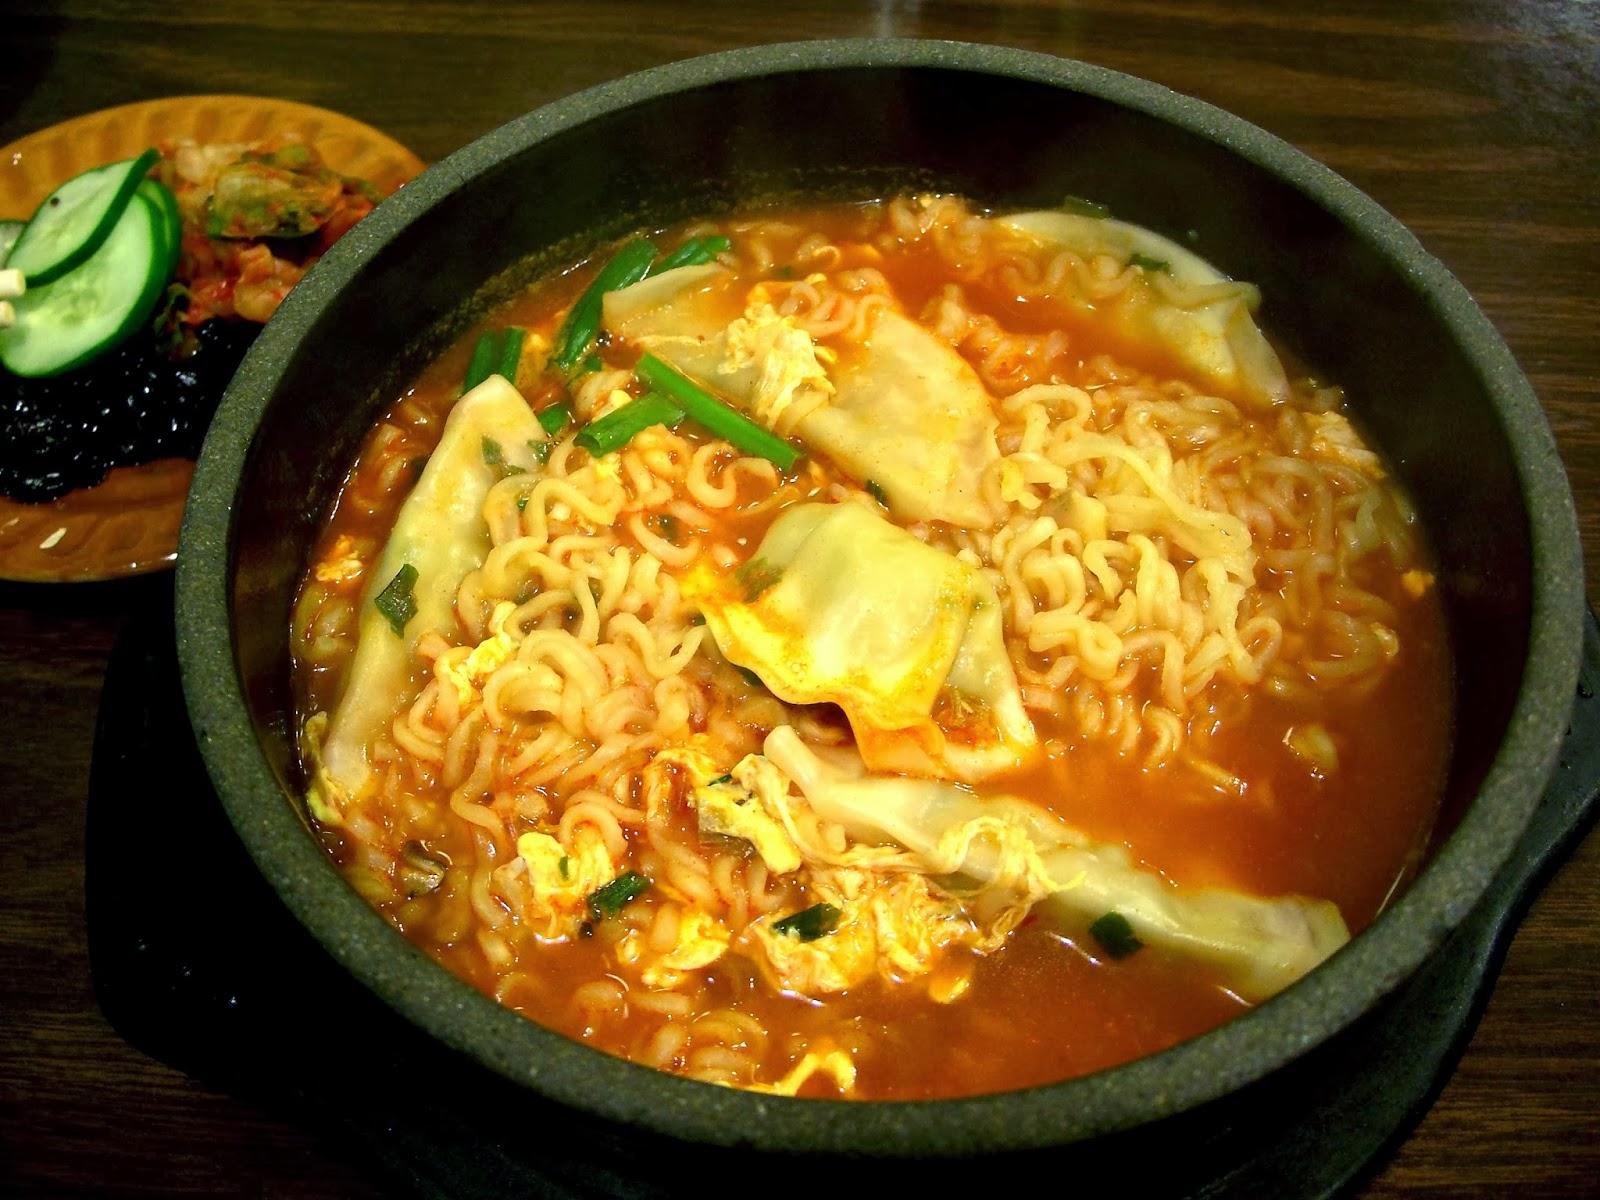 Корейская кухня - фото рецепты приготовления блюд в домашних 100